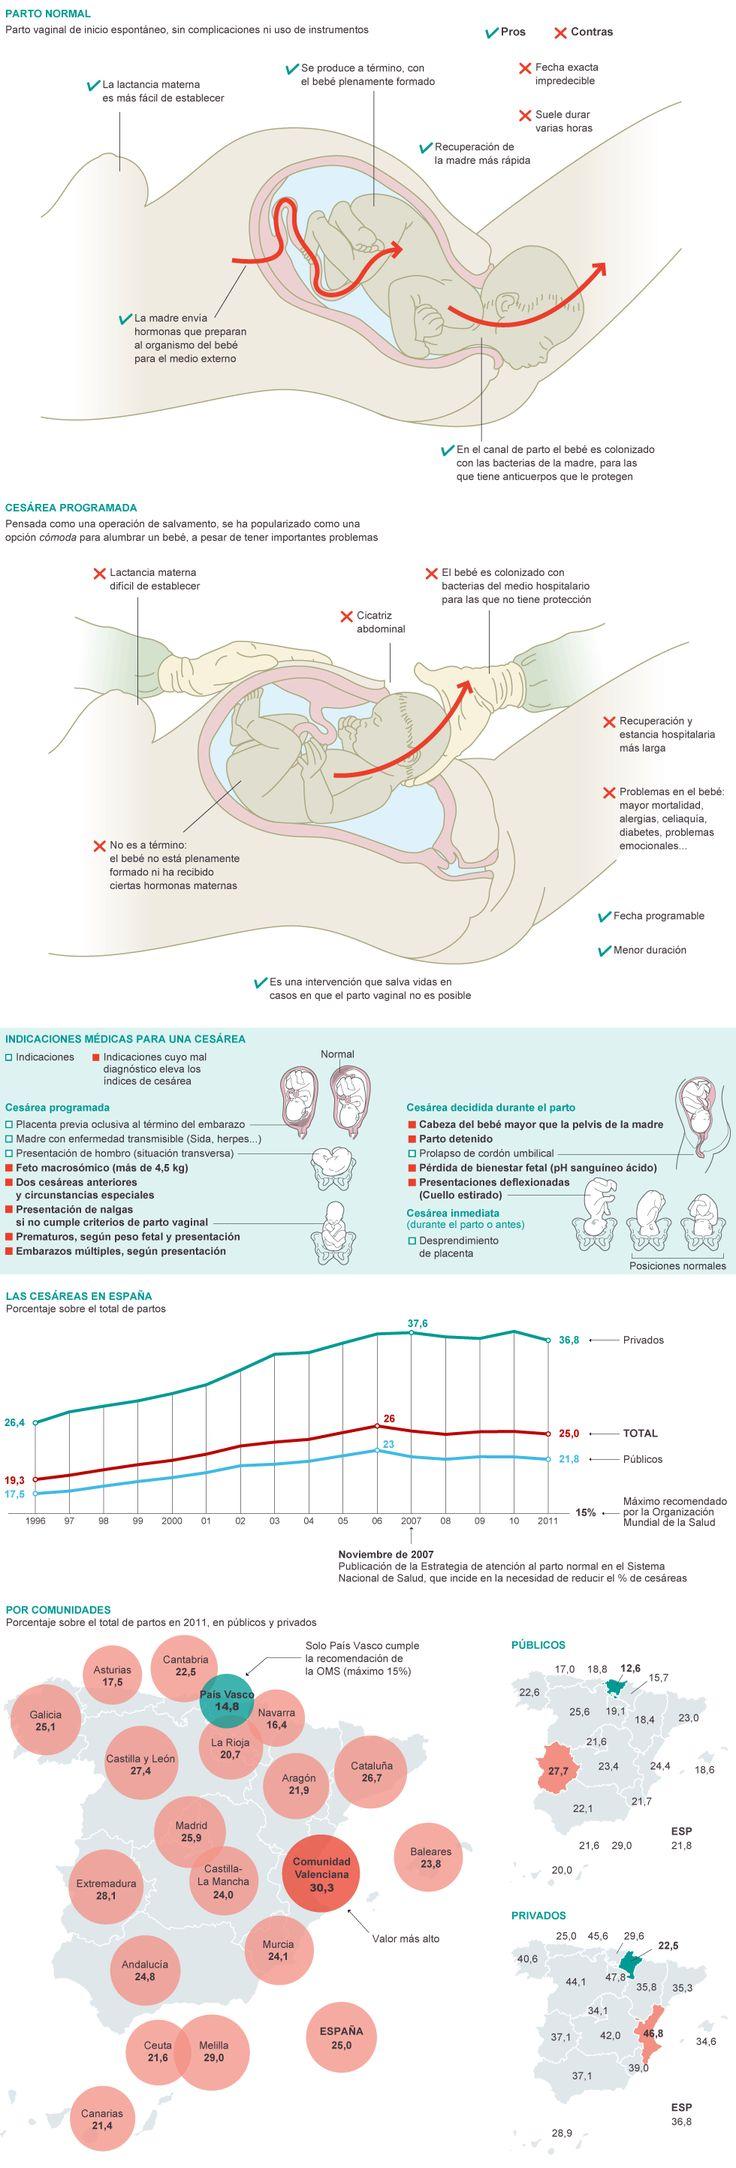 Diferencia entre parto vaginal y cesárea, indicaciones para cesárea, y situación en España...